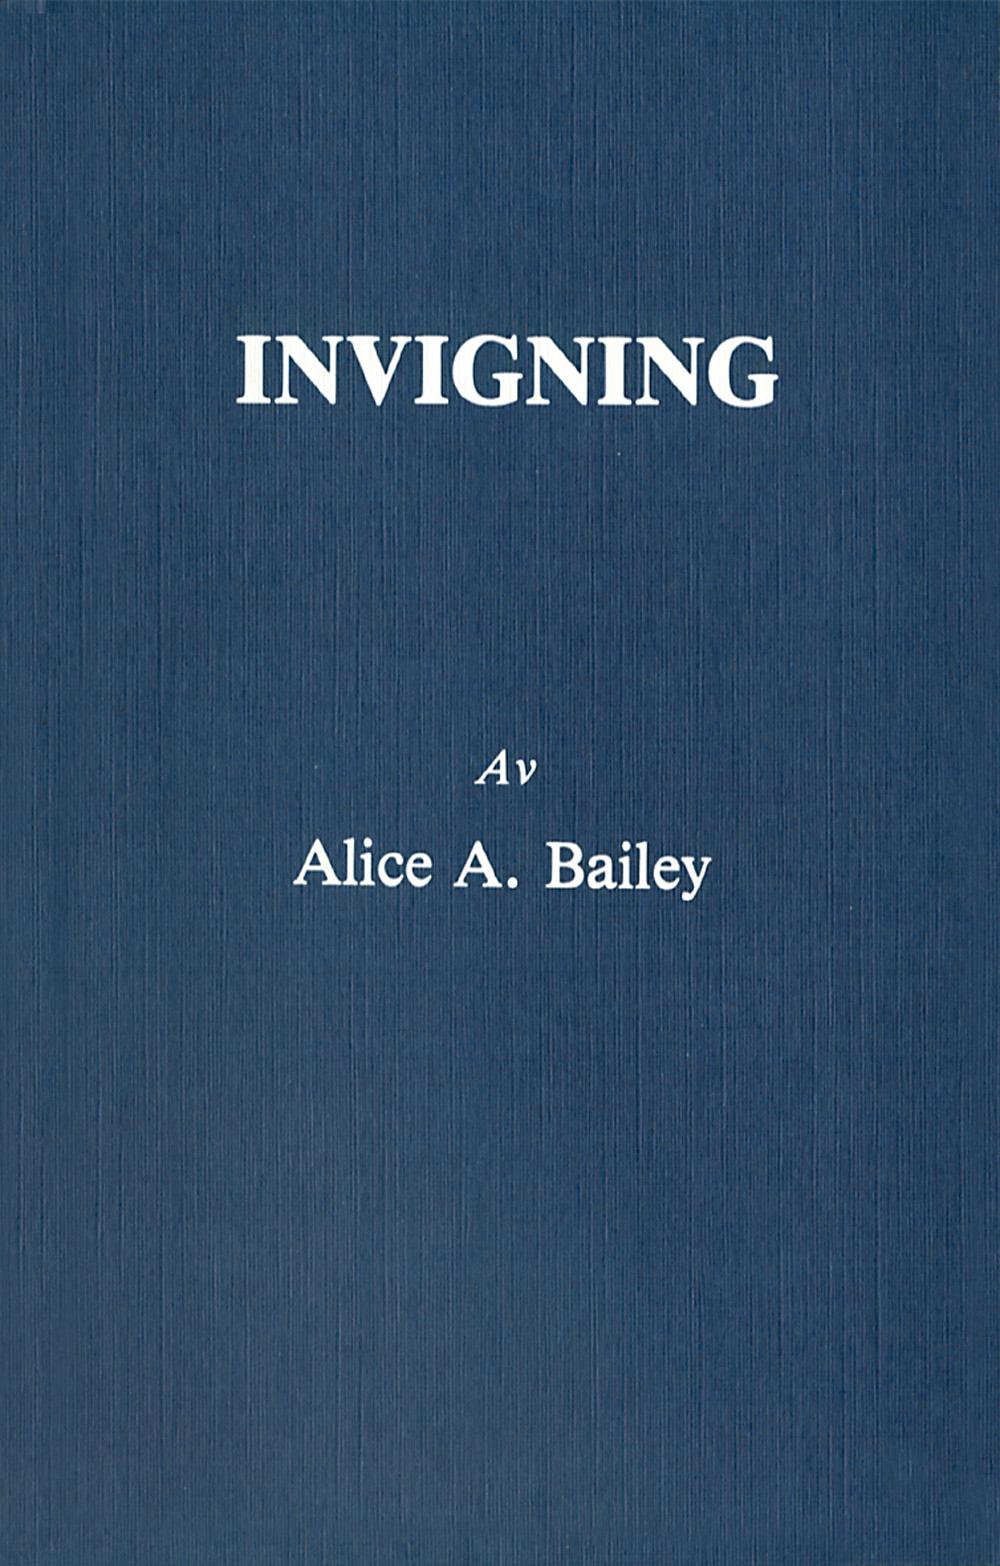 Invigning (2u) av Alice A Bailey